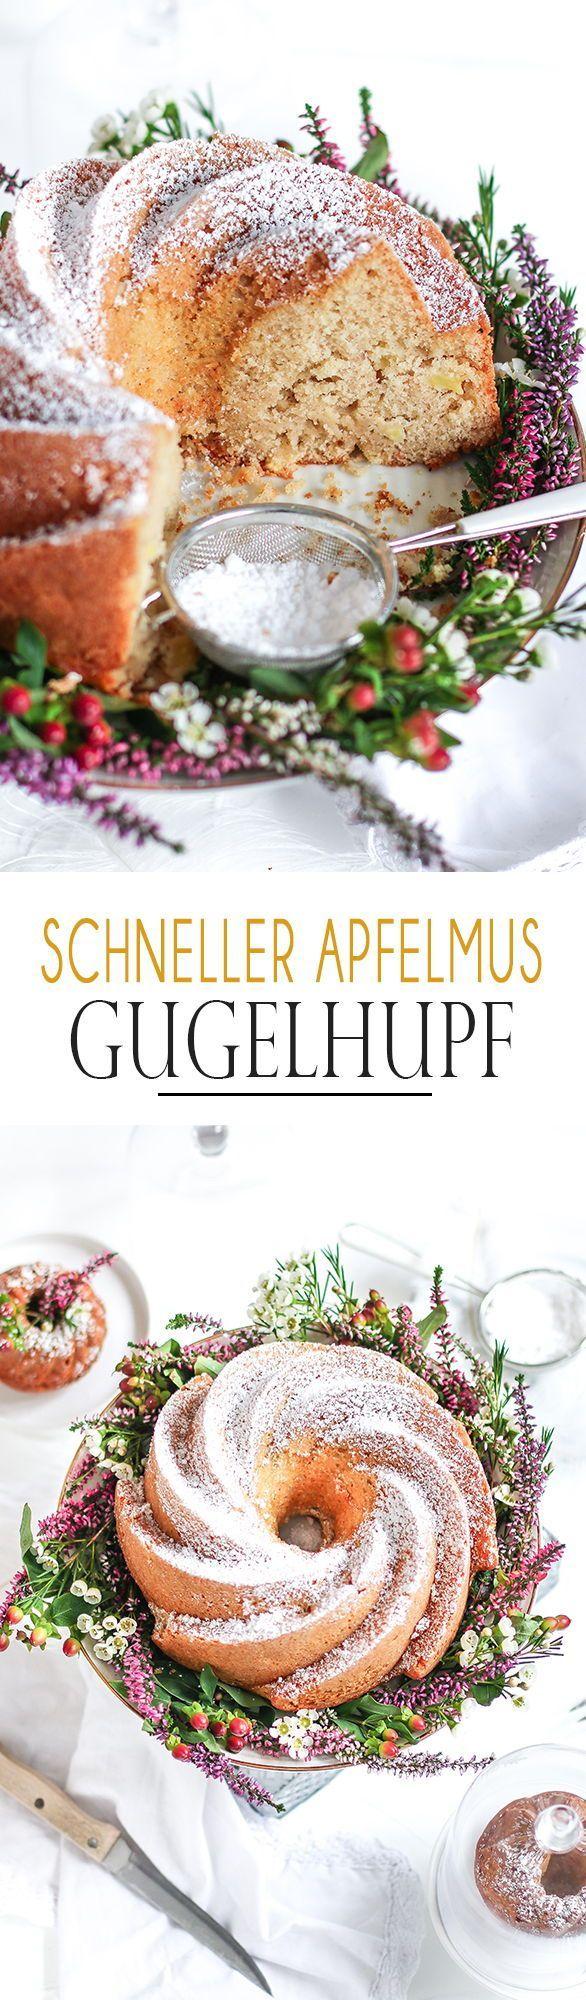 Schneller Apfelmus Gugelhupf Kuchendeern Gugelhupf Streuselkuchen Mit Obst Erbsenpuree Rezept